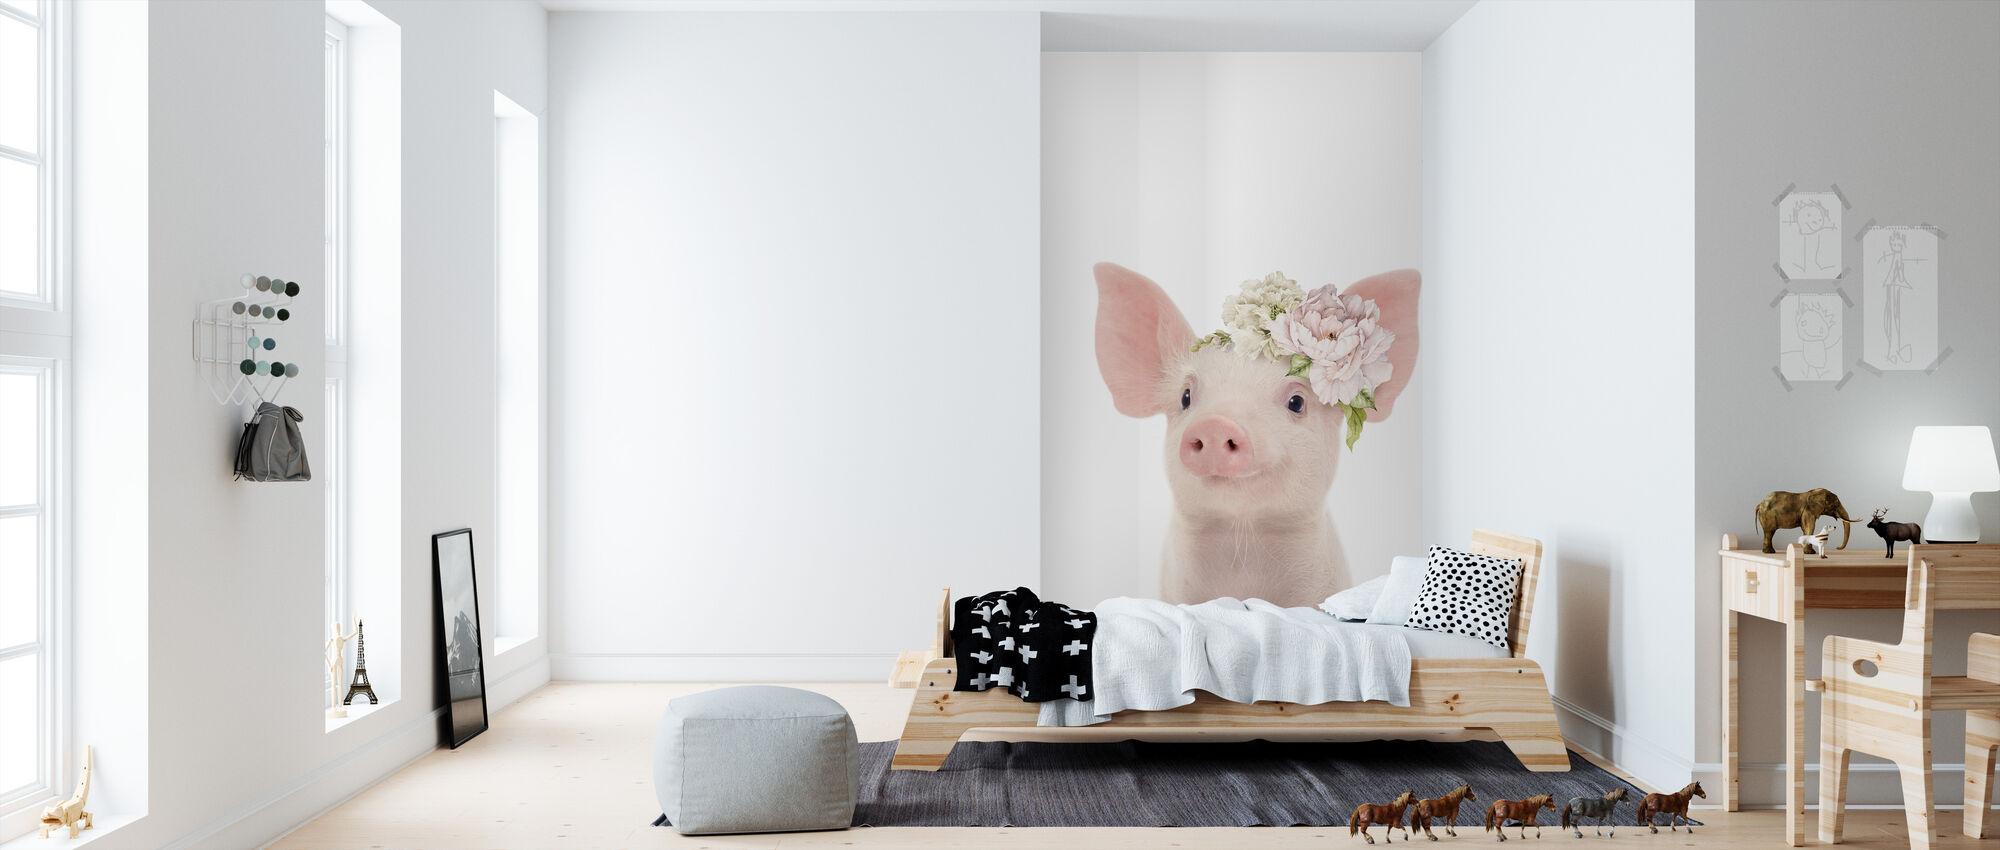 Floral Piglet - Wallpaper - Kids Room